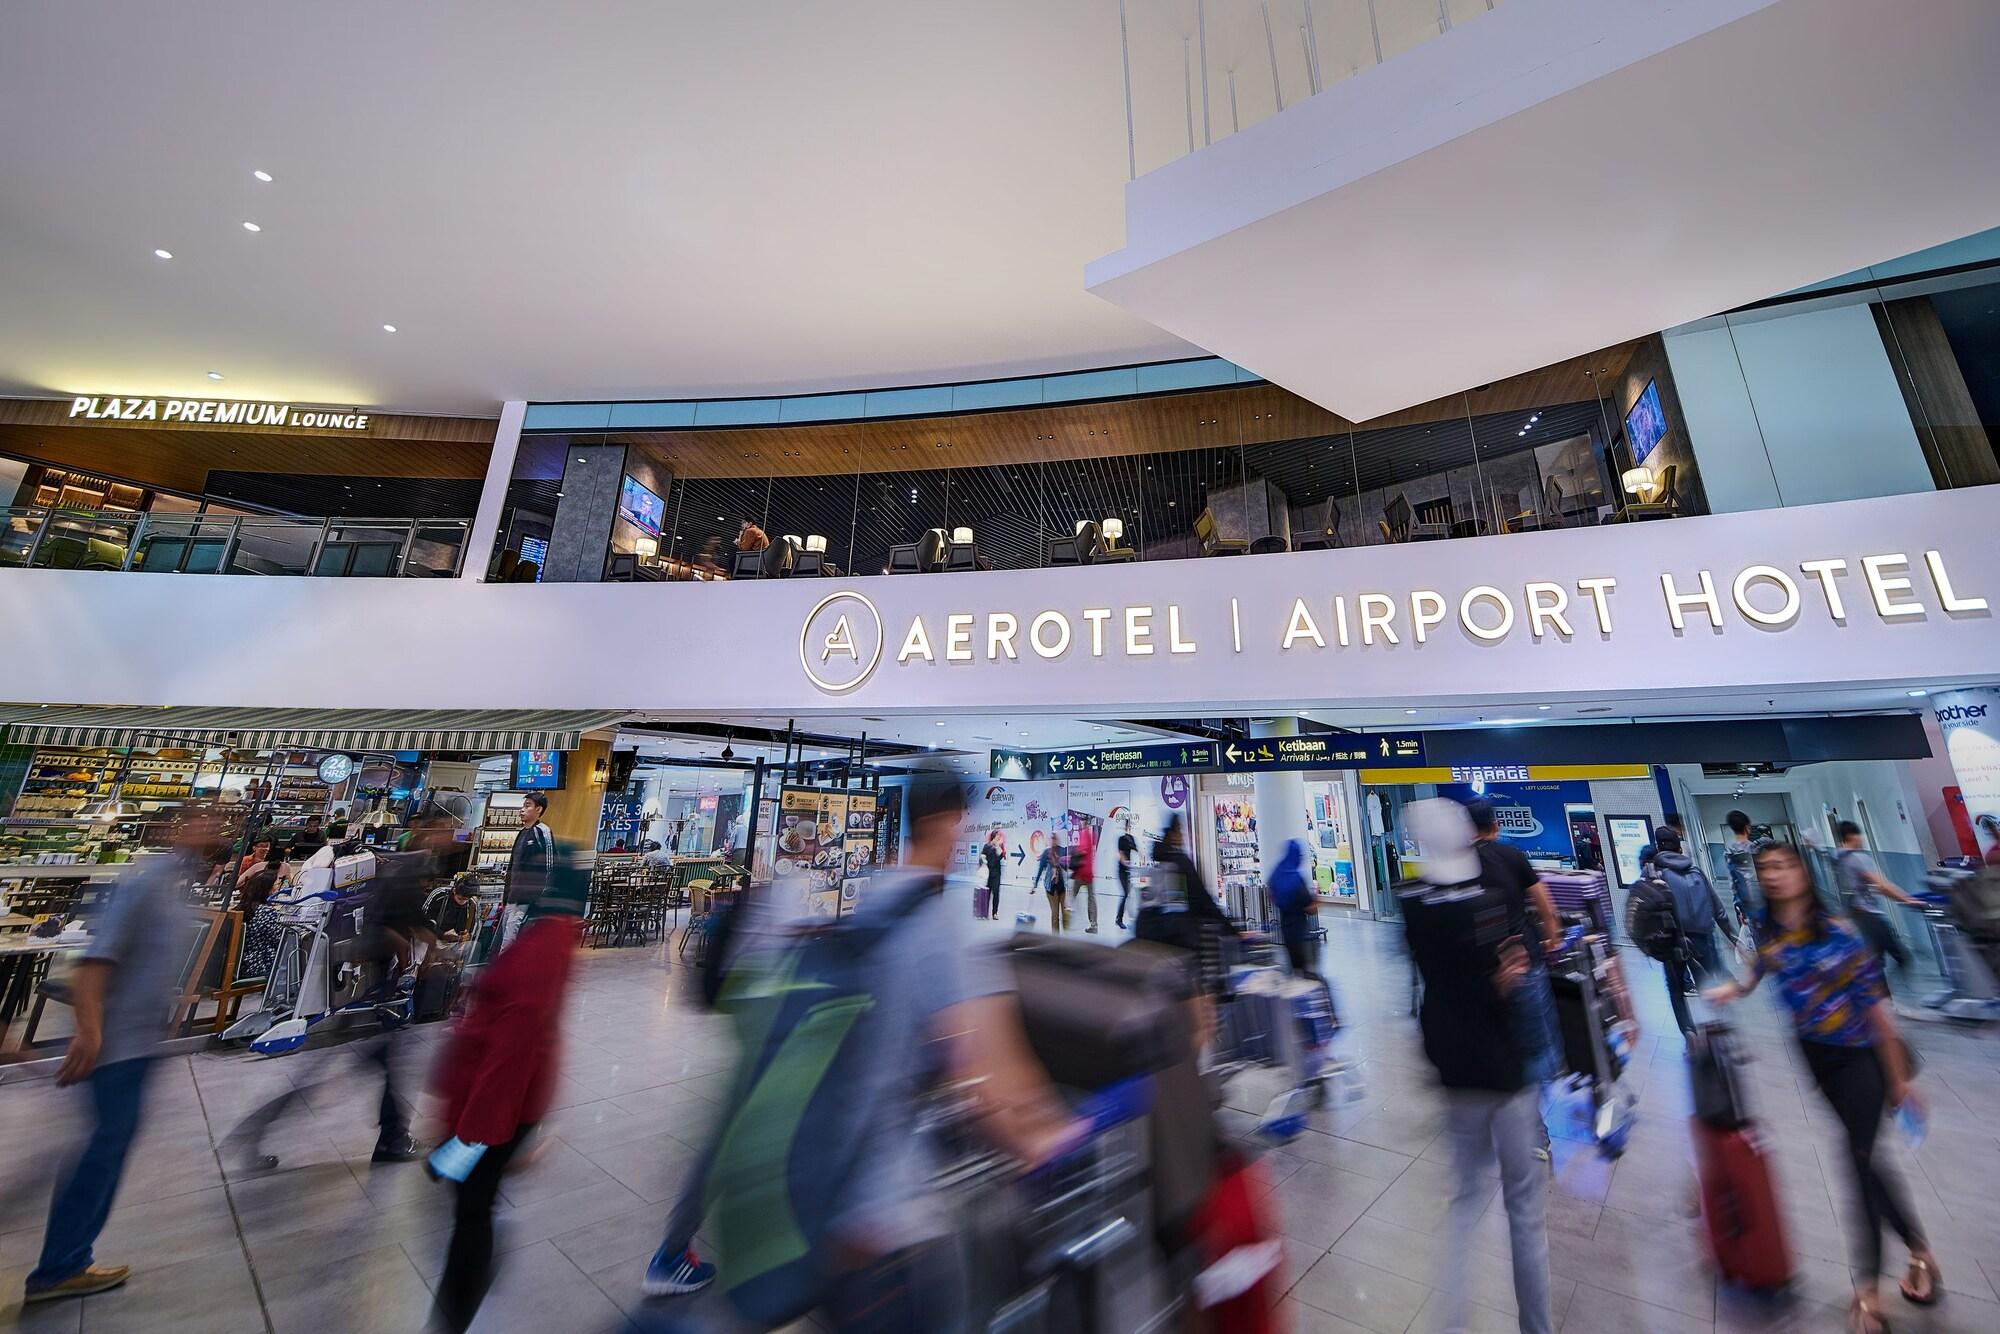 Aerotel Kuala Lumpur (Airport Hotel), gateway@klia2, Kuala Lumpur